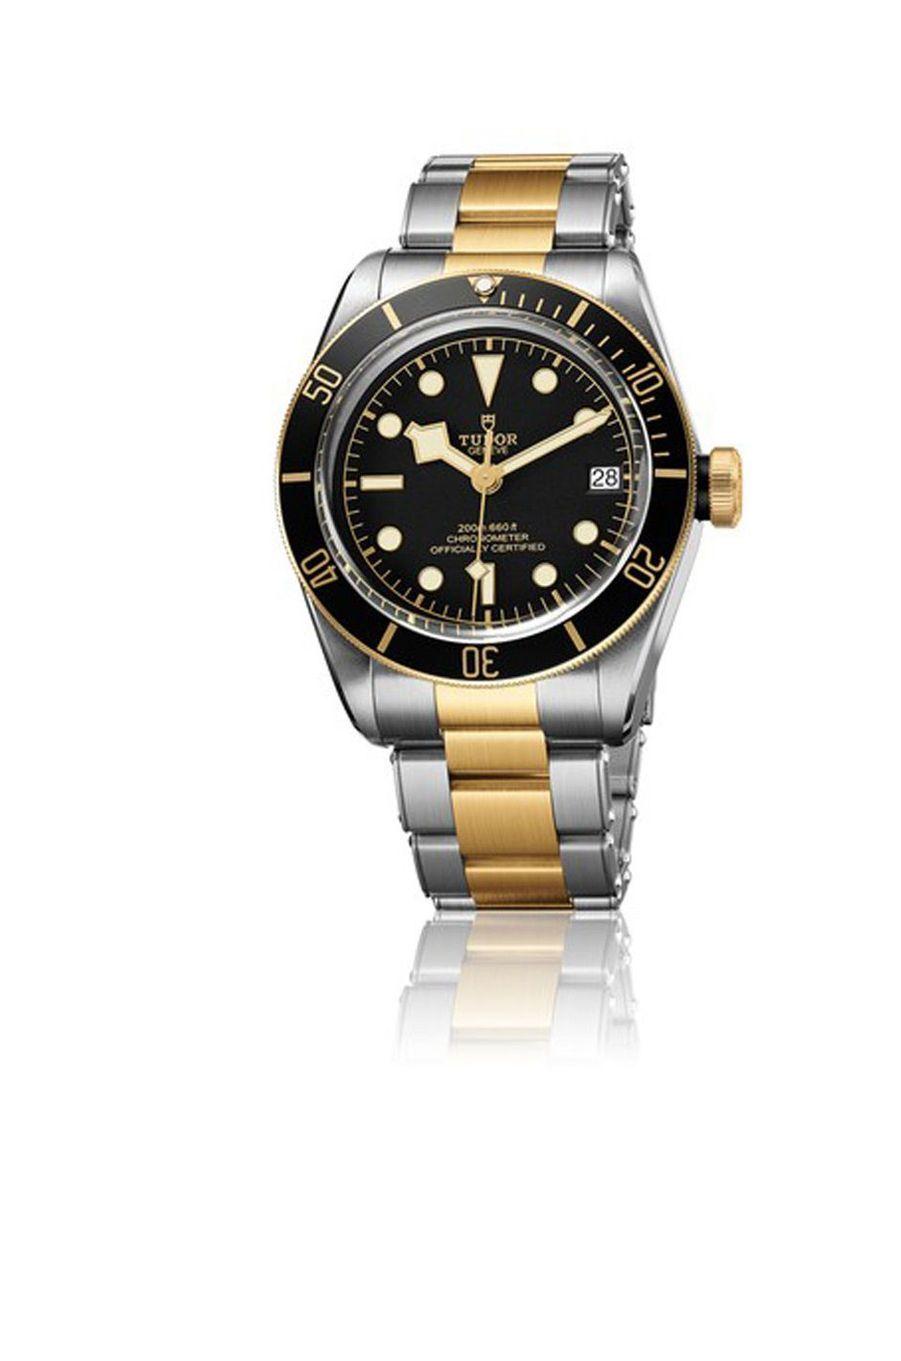 Héritage Black Bay, boîte en acier, 41 mm de diamètre, mouvement automatique, bracelet en acier et or jaune. 4 690 €. Tudor.